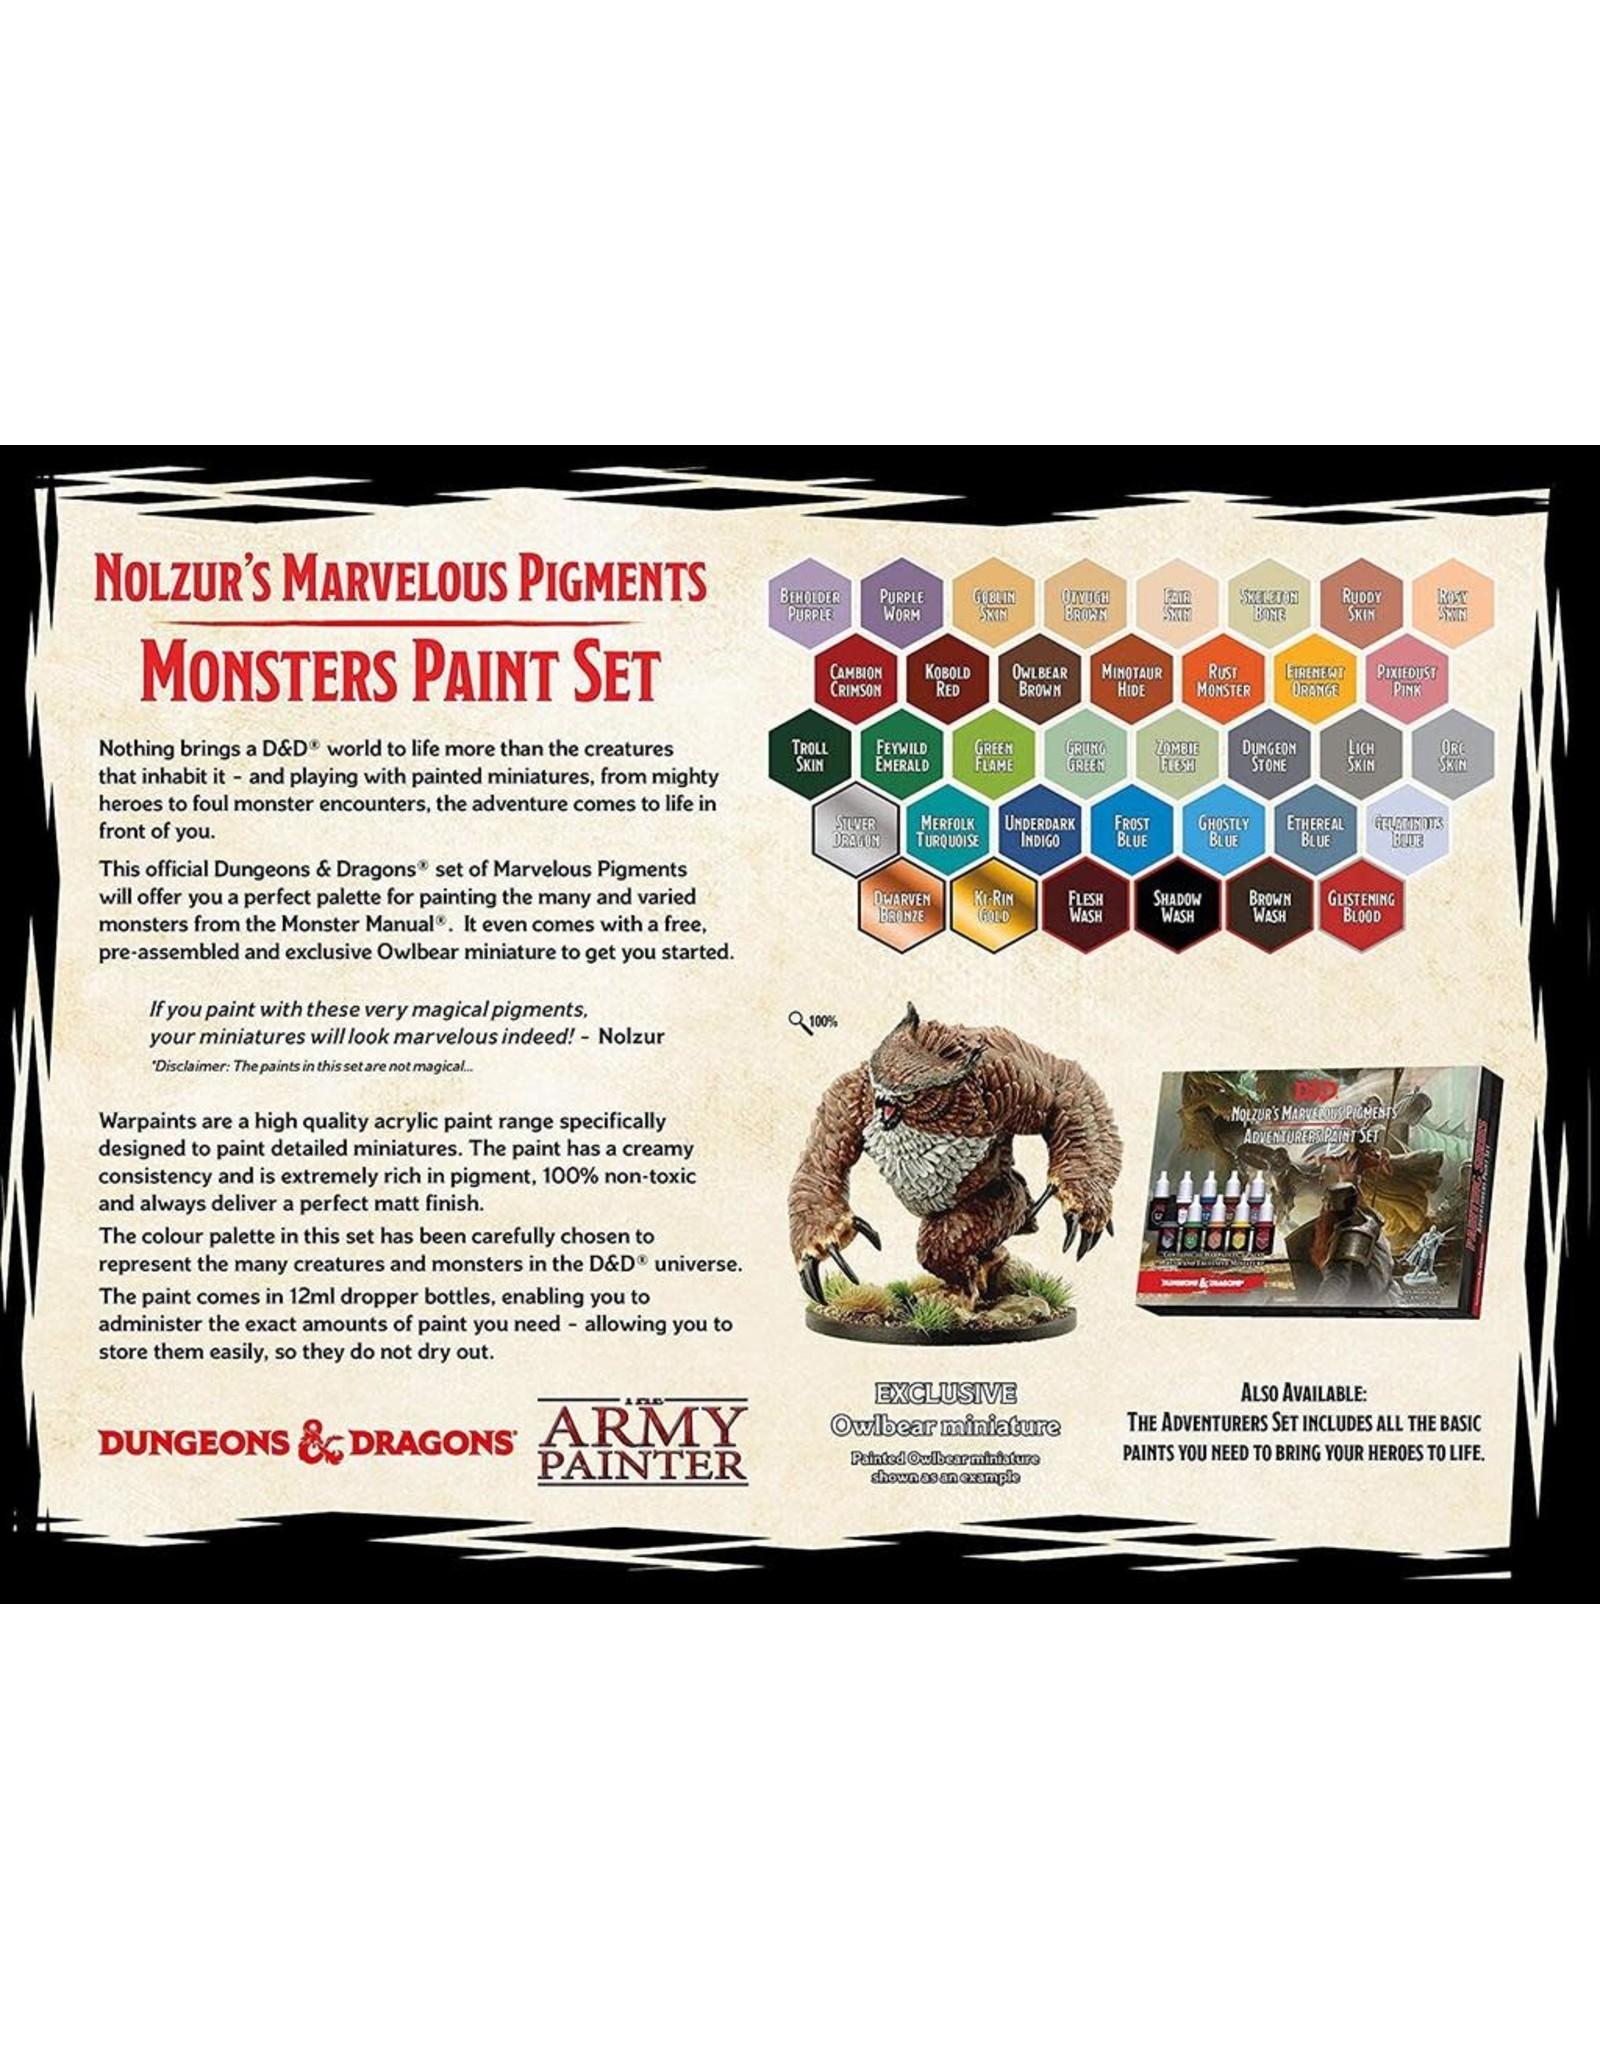 Army Painter Paint Set: D&D 5th Edition- Nolzur's Marvelous Pigments- The Monsters Paint Set